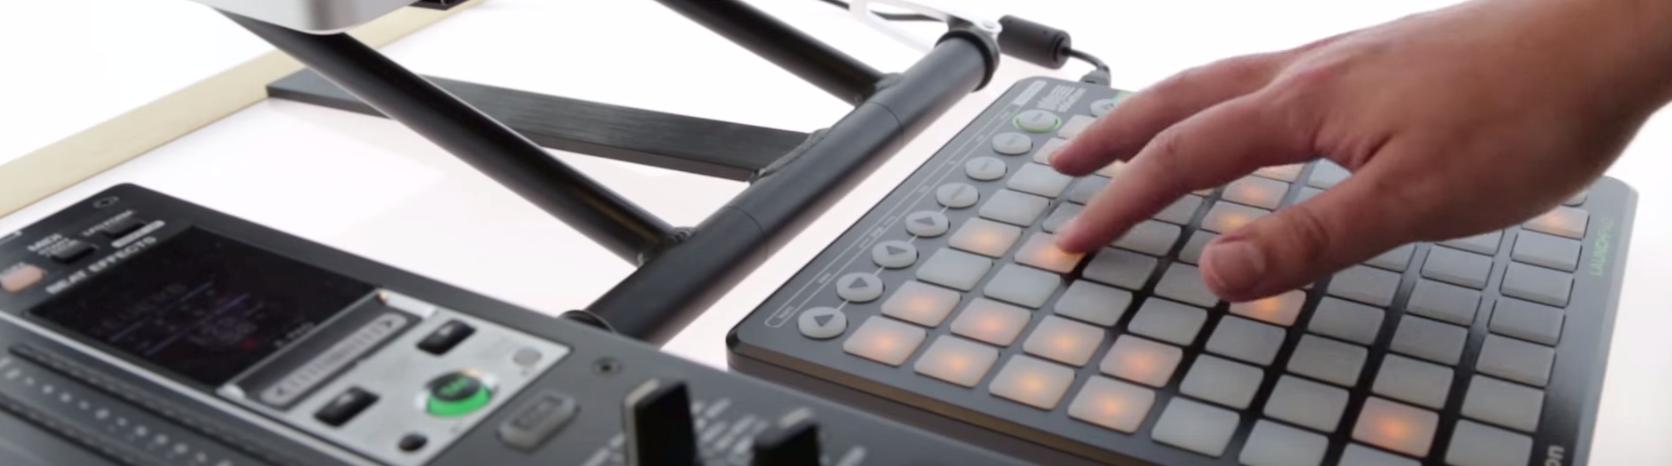 MIDI mapping with Serato DJ Pro – Serato Support